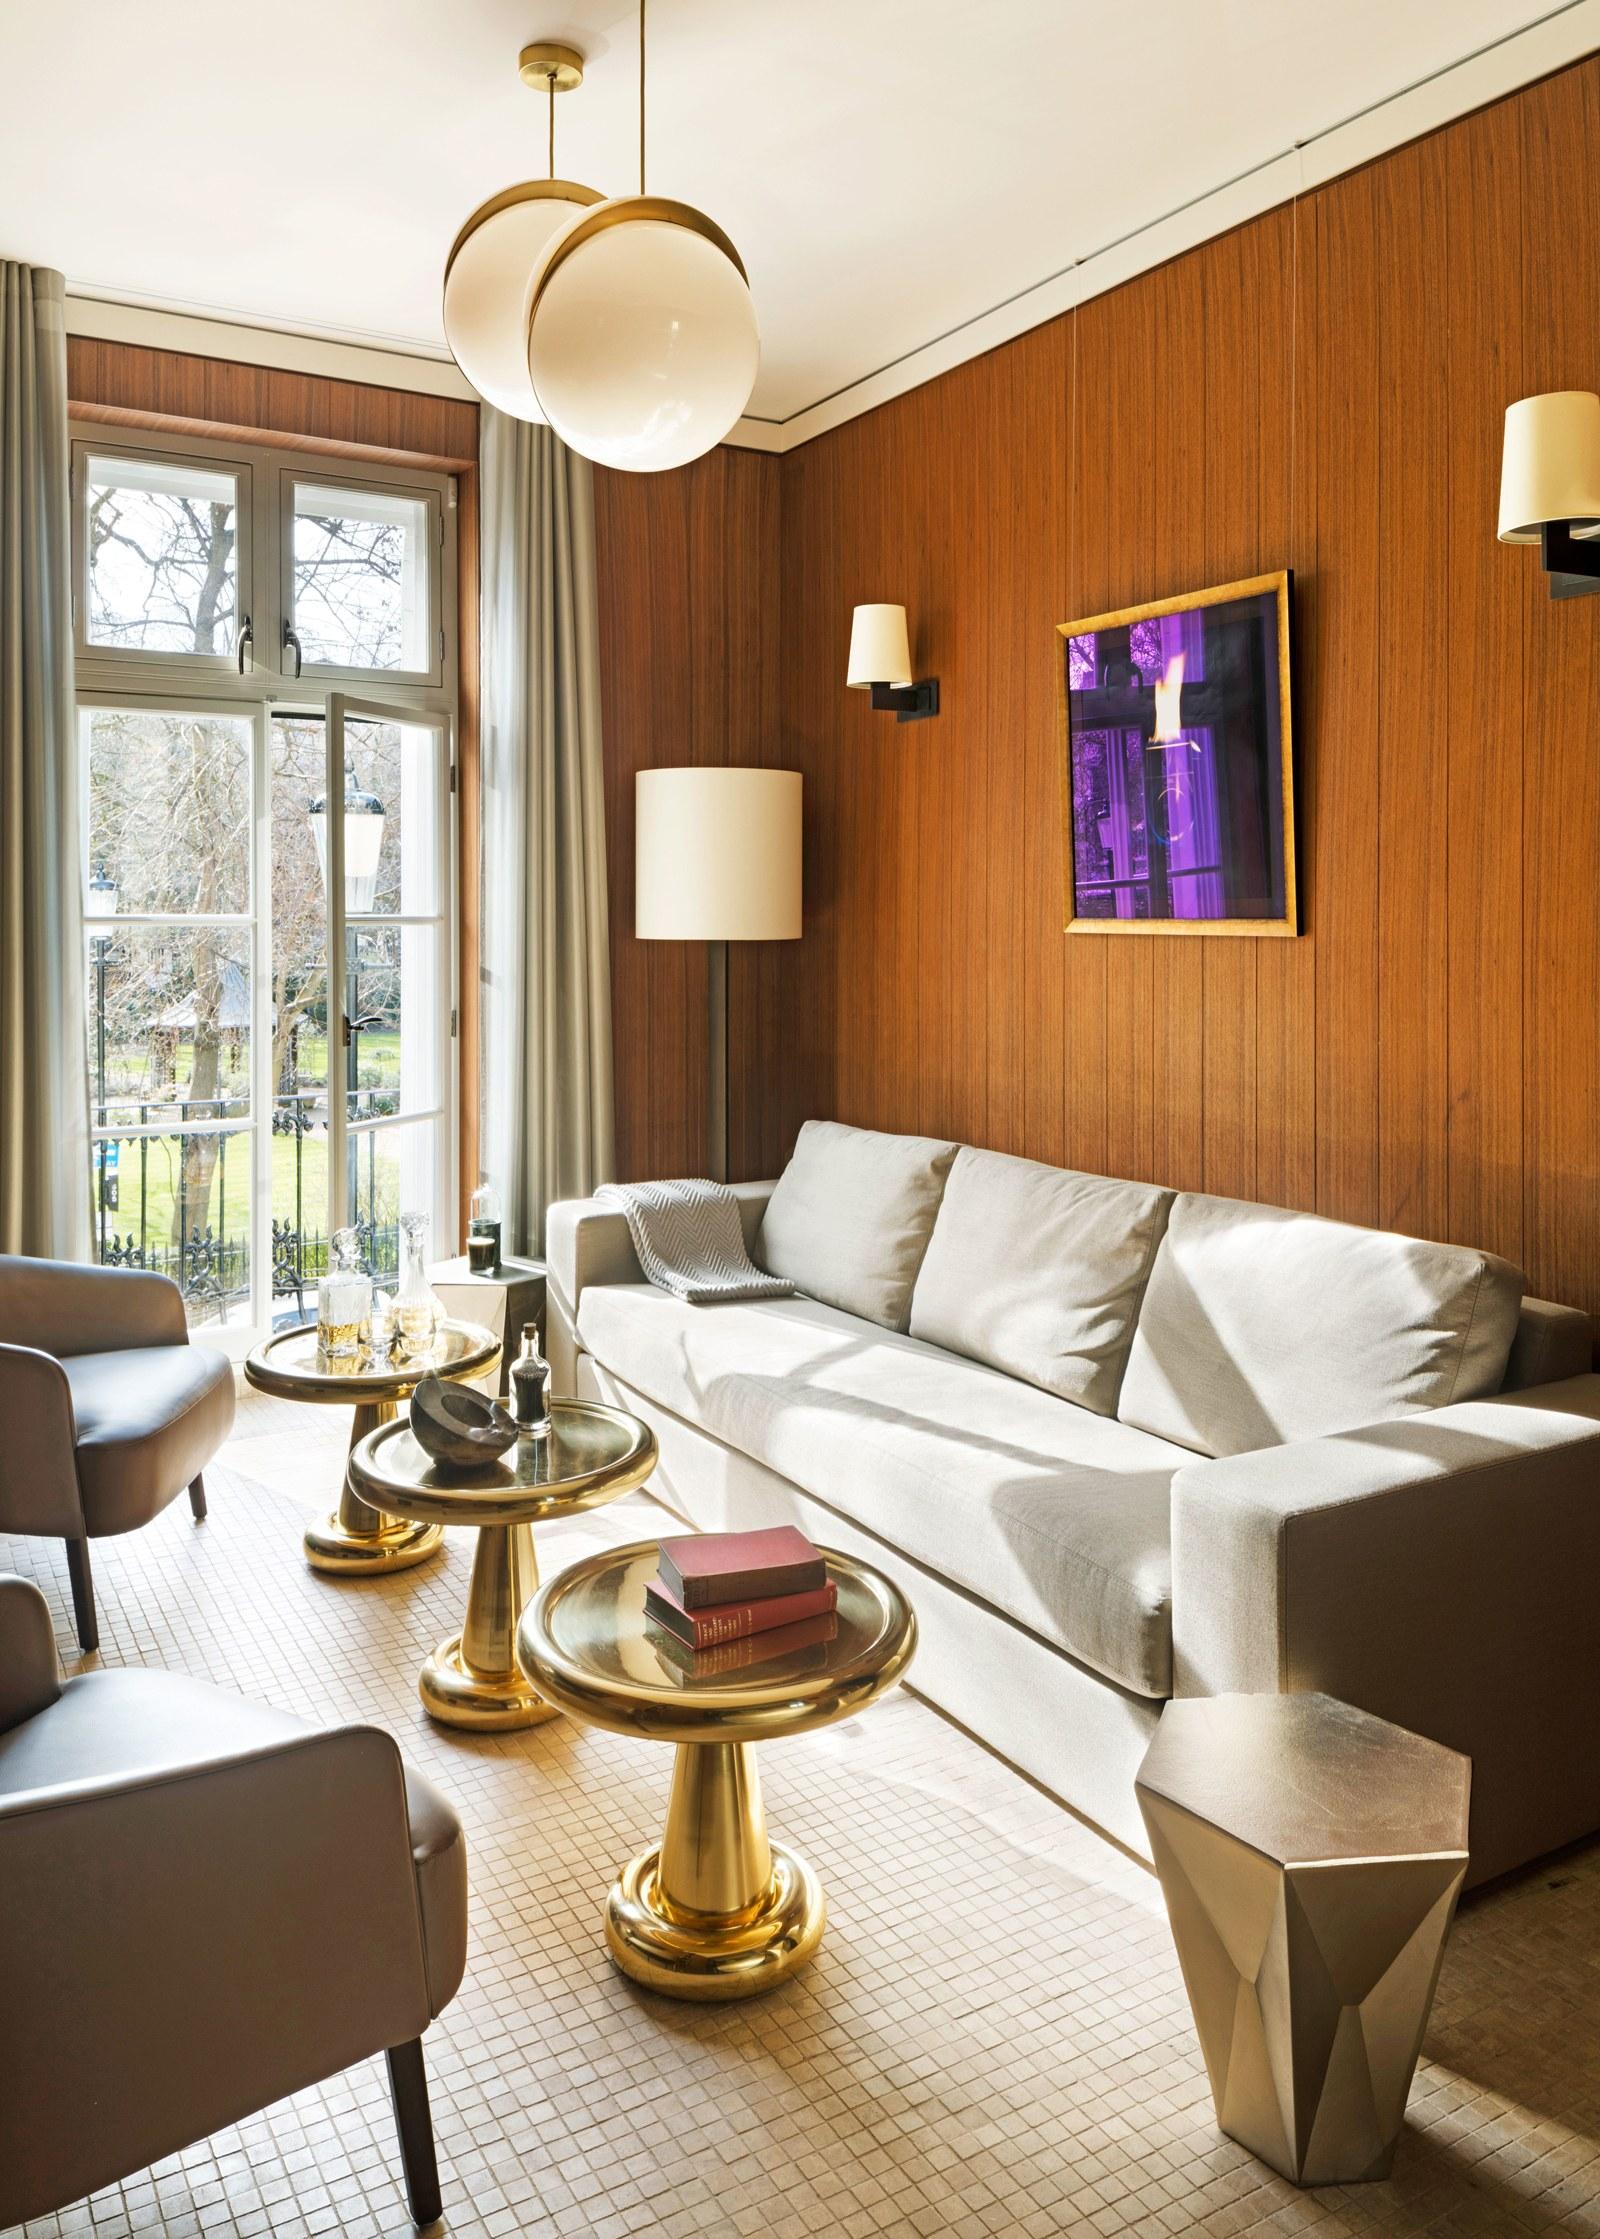 A great Modern home design by Chakib Richani modern home A great Modern home design by Chakib Richani london chakib richani house tour AD 01